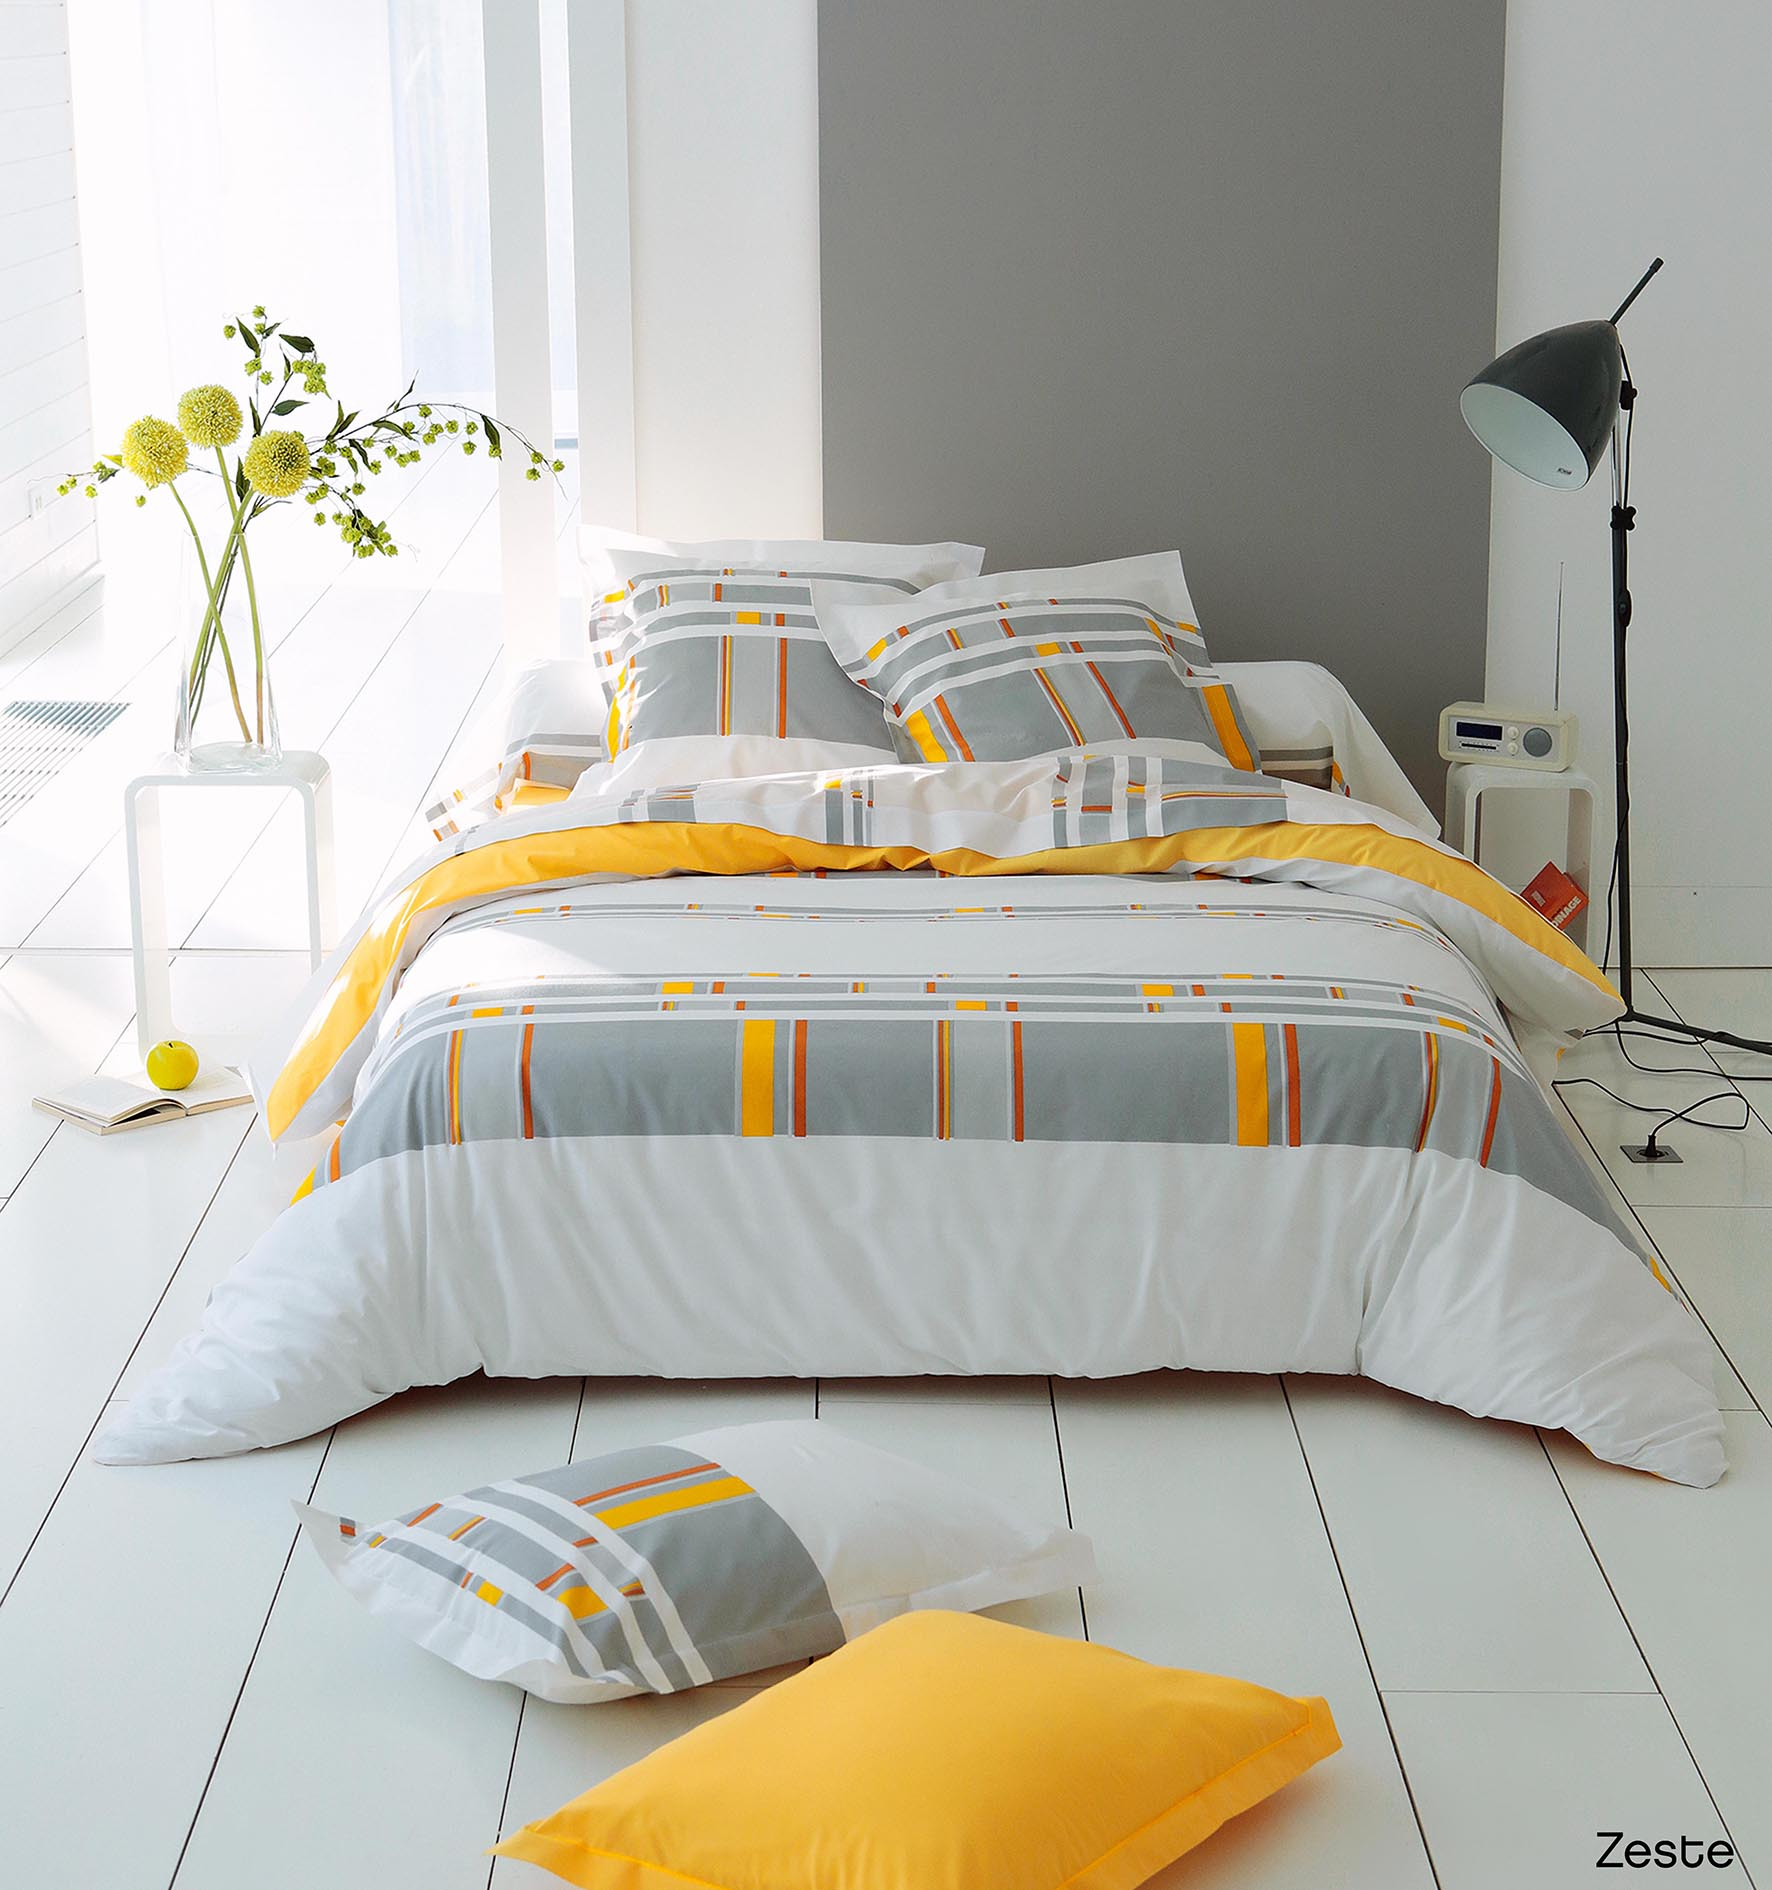 housse de couette zeste jaune homemaison vente en. Black Bedroom Furniture Sets. Home Design Ideas